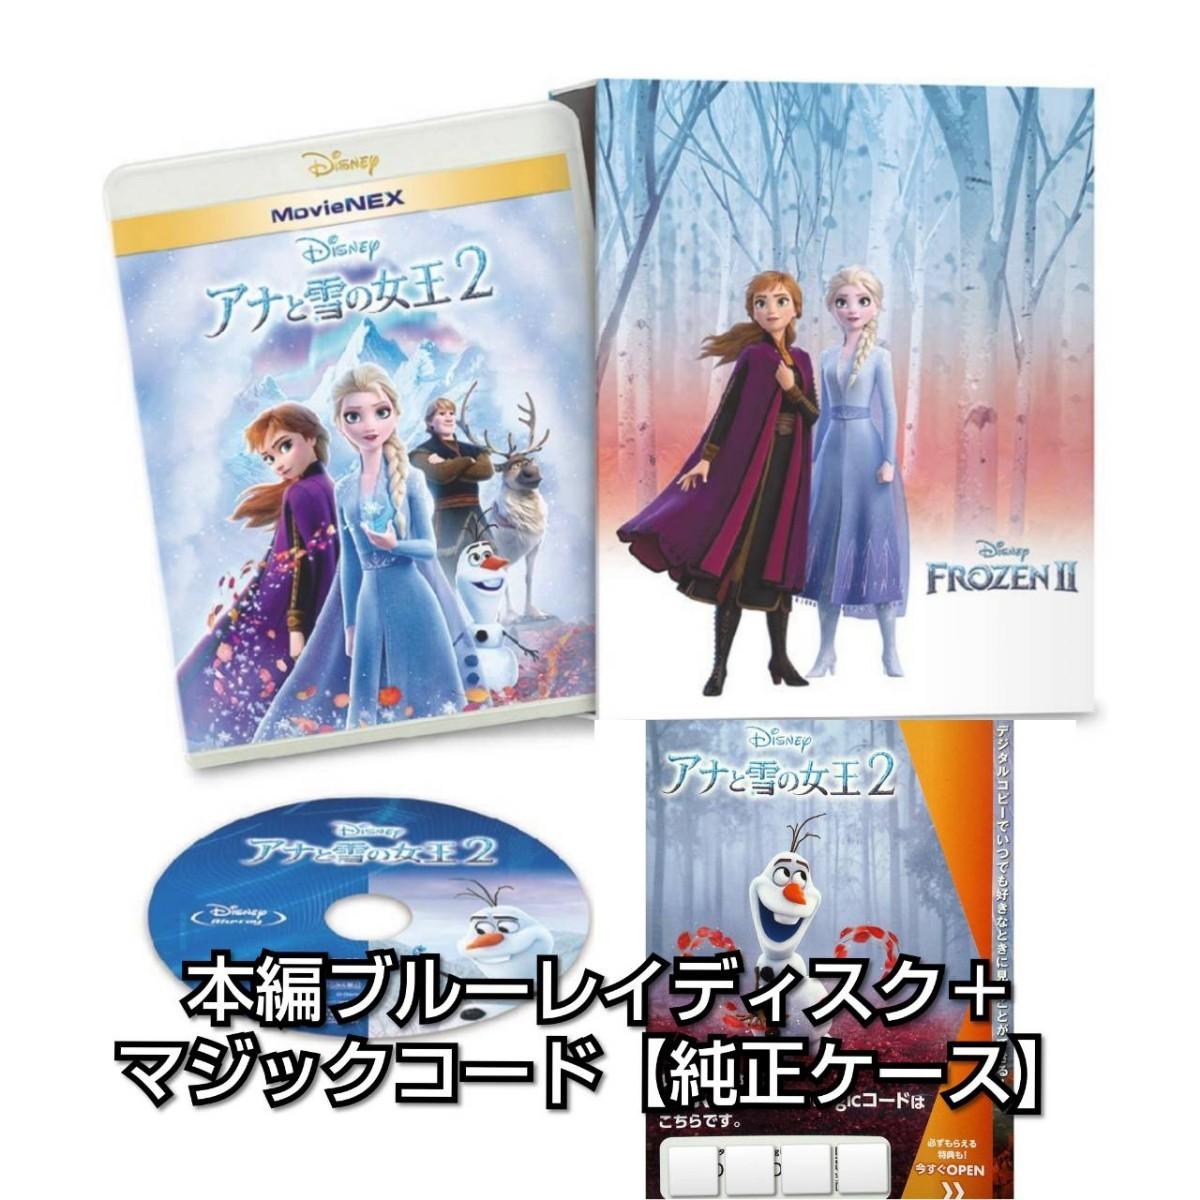 新品未再生 アナと雪の女王2 本編ブルーレイディスク&純正ケース(コンプリートケース付き)マジックコードの出品です。